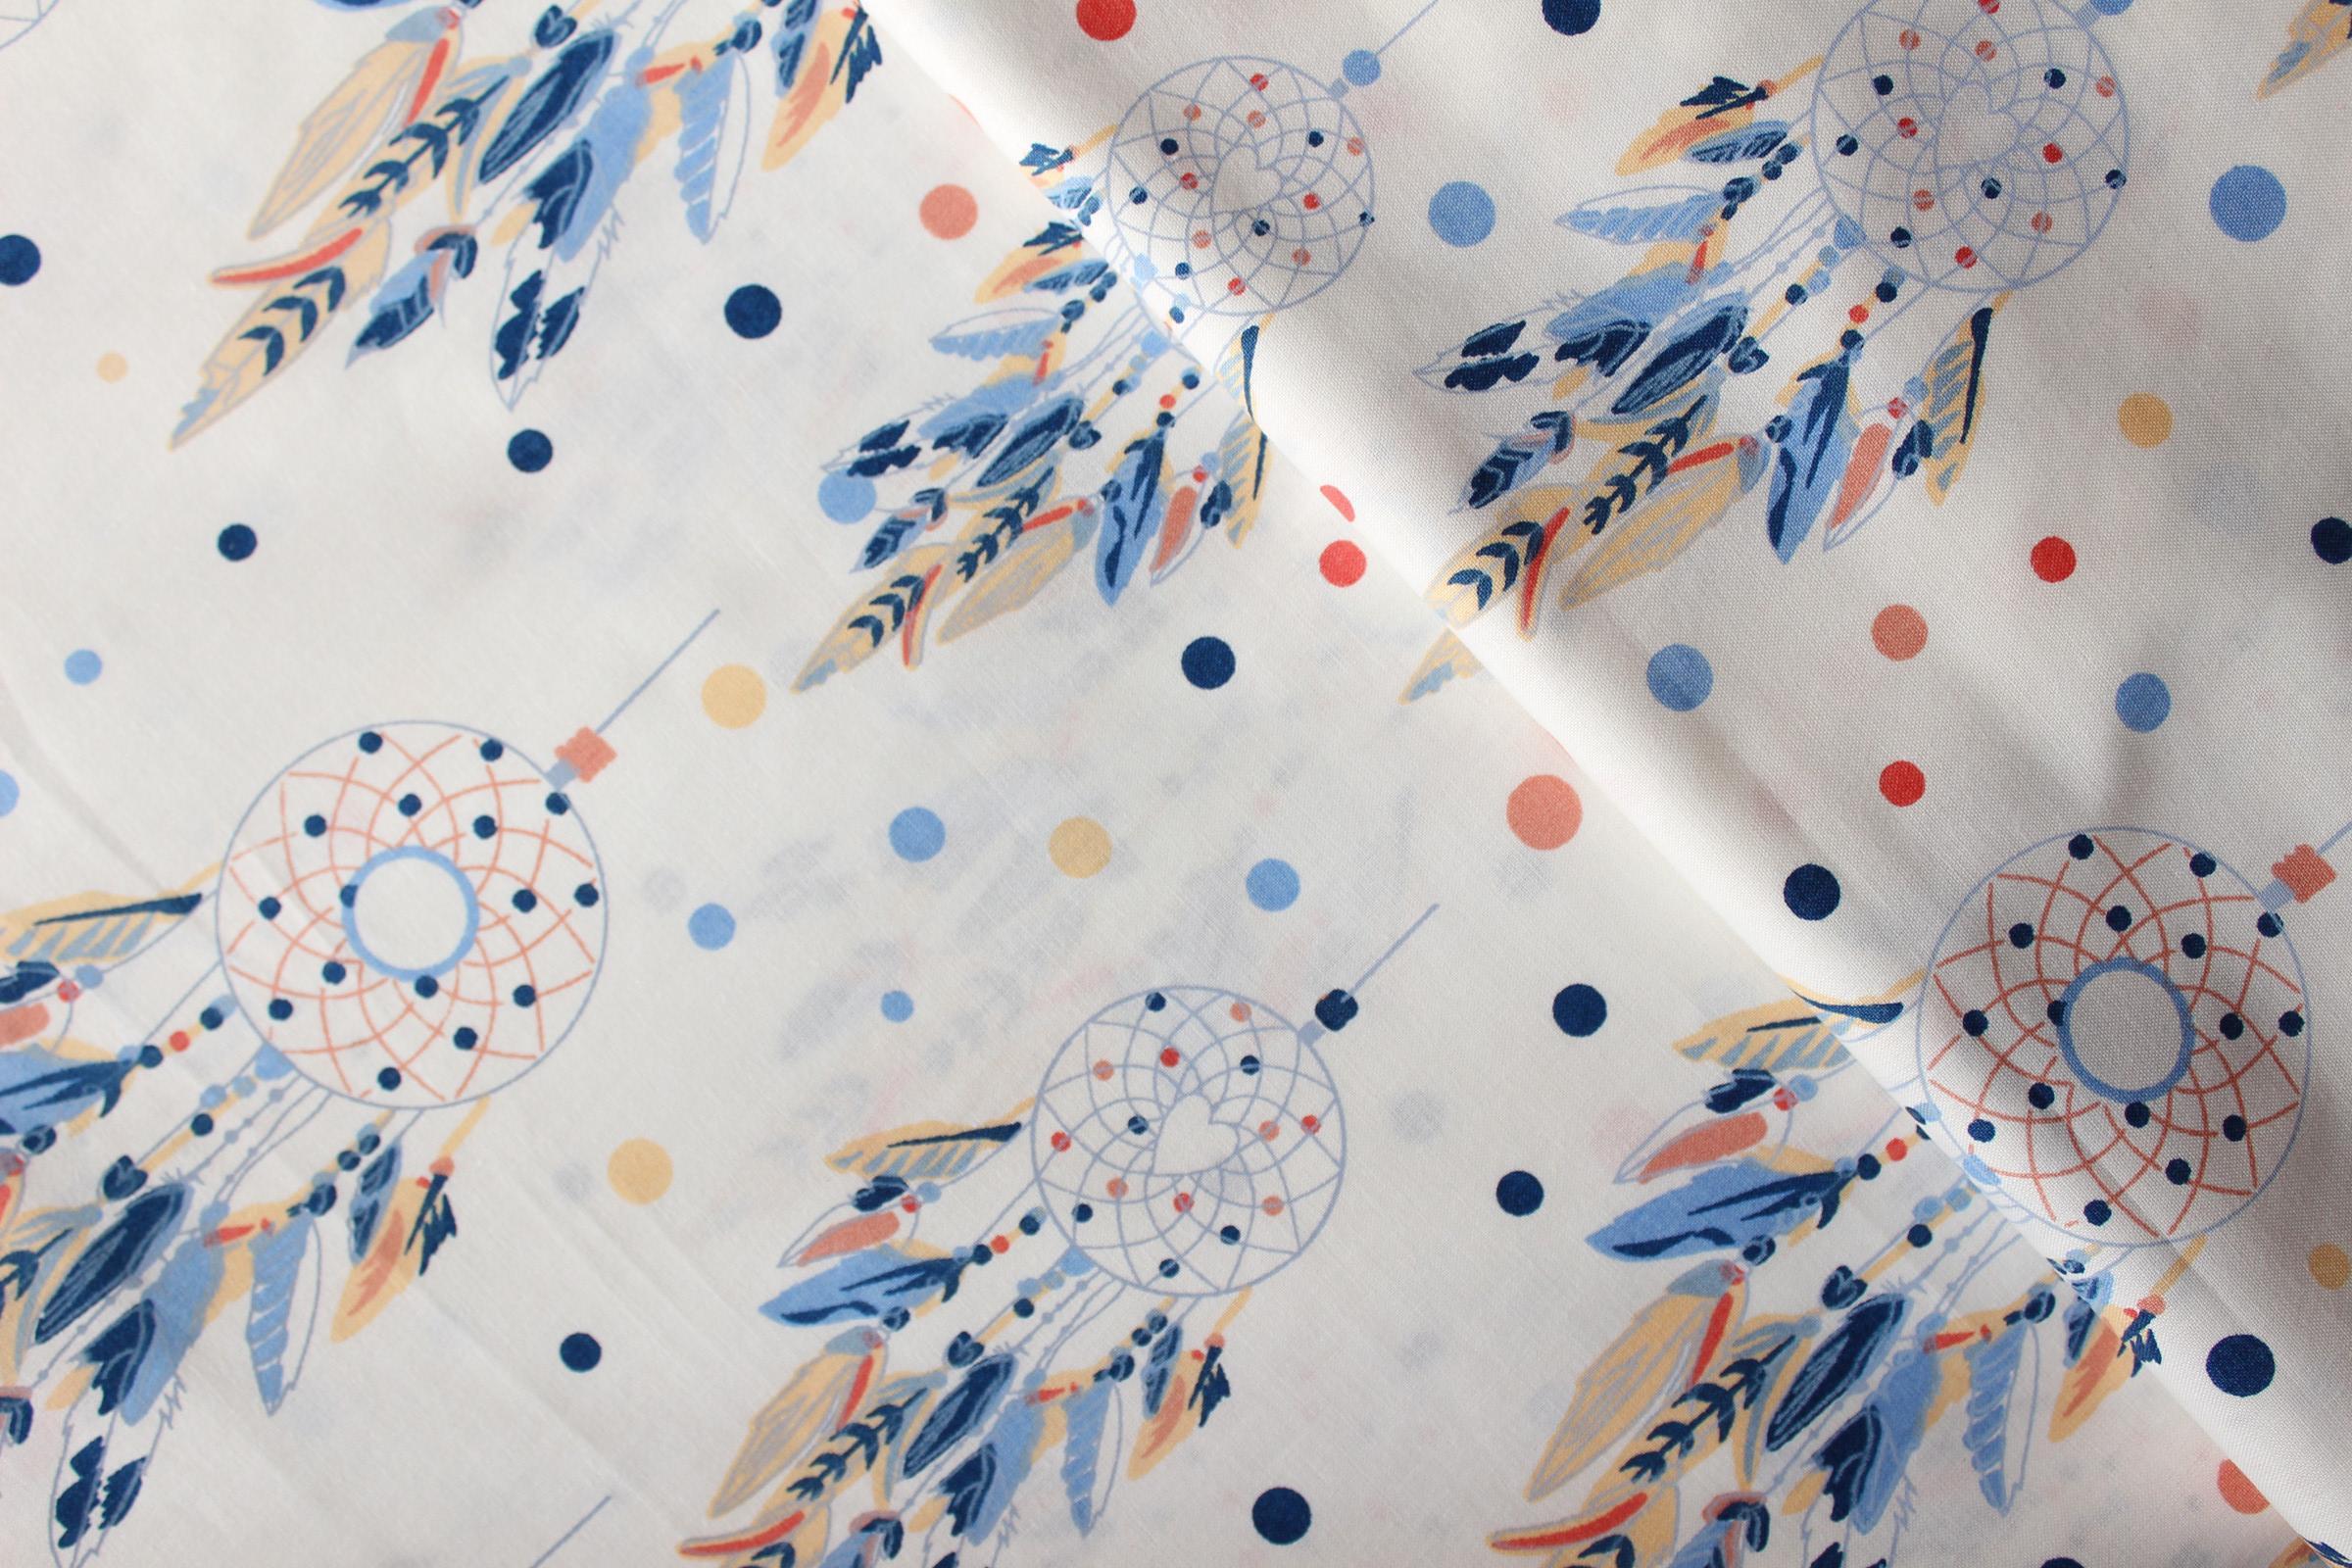 f351340f1e2c Lapač snů na smetanové 100% bavlně   Zboží prodejce Happy Hobby šití ...